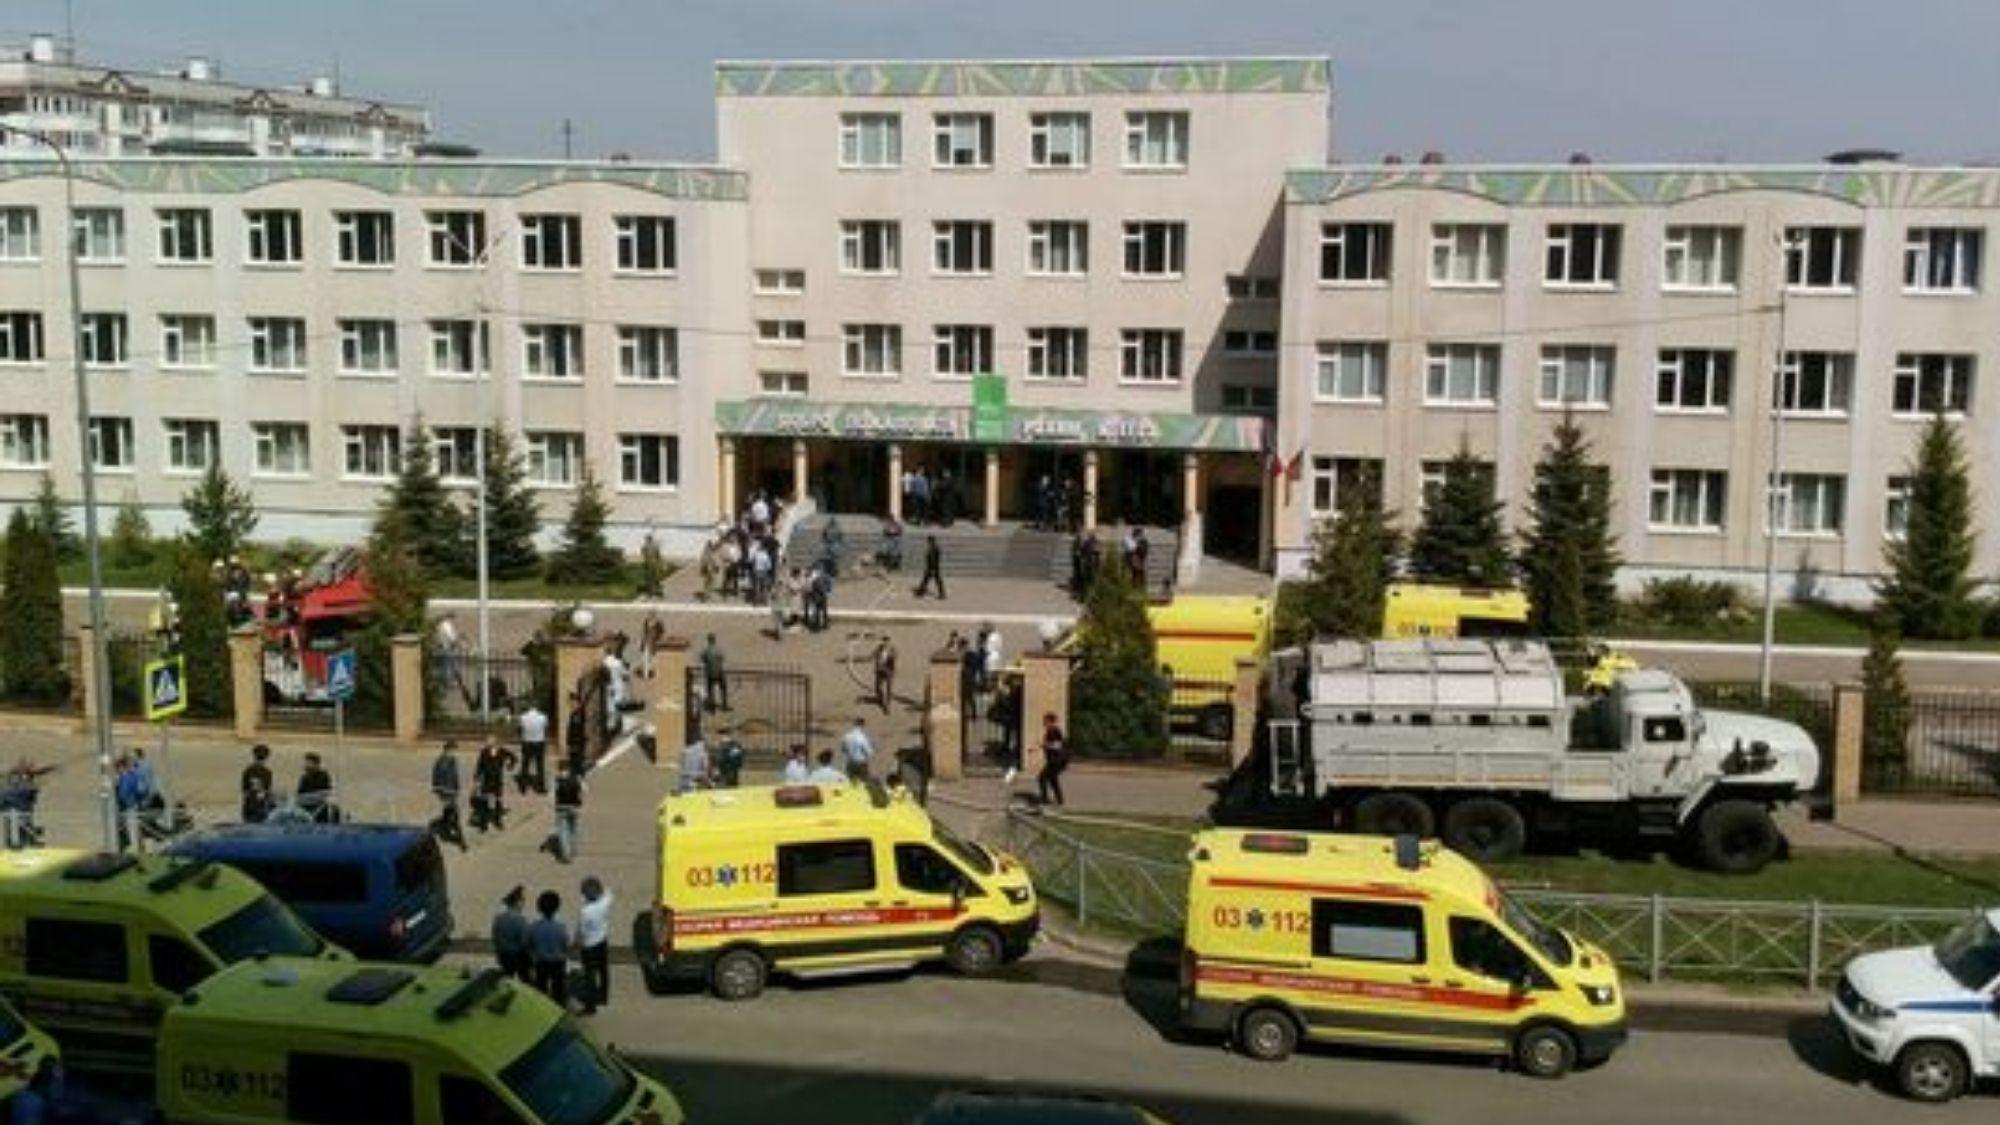 7 children killed in school shooting in Russia